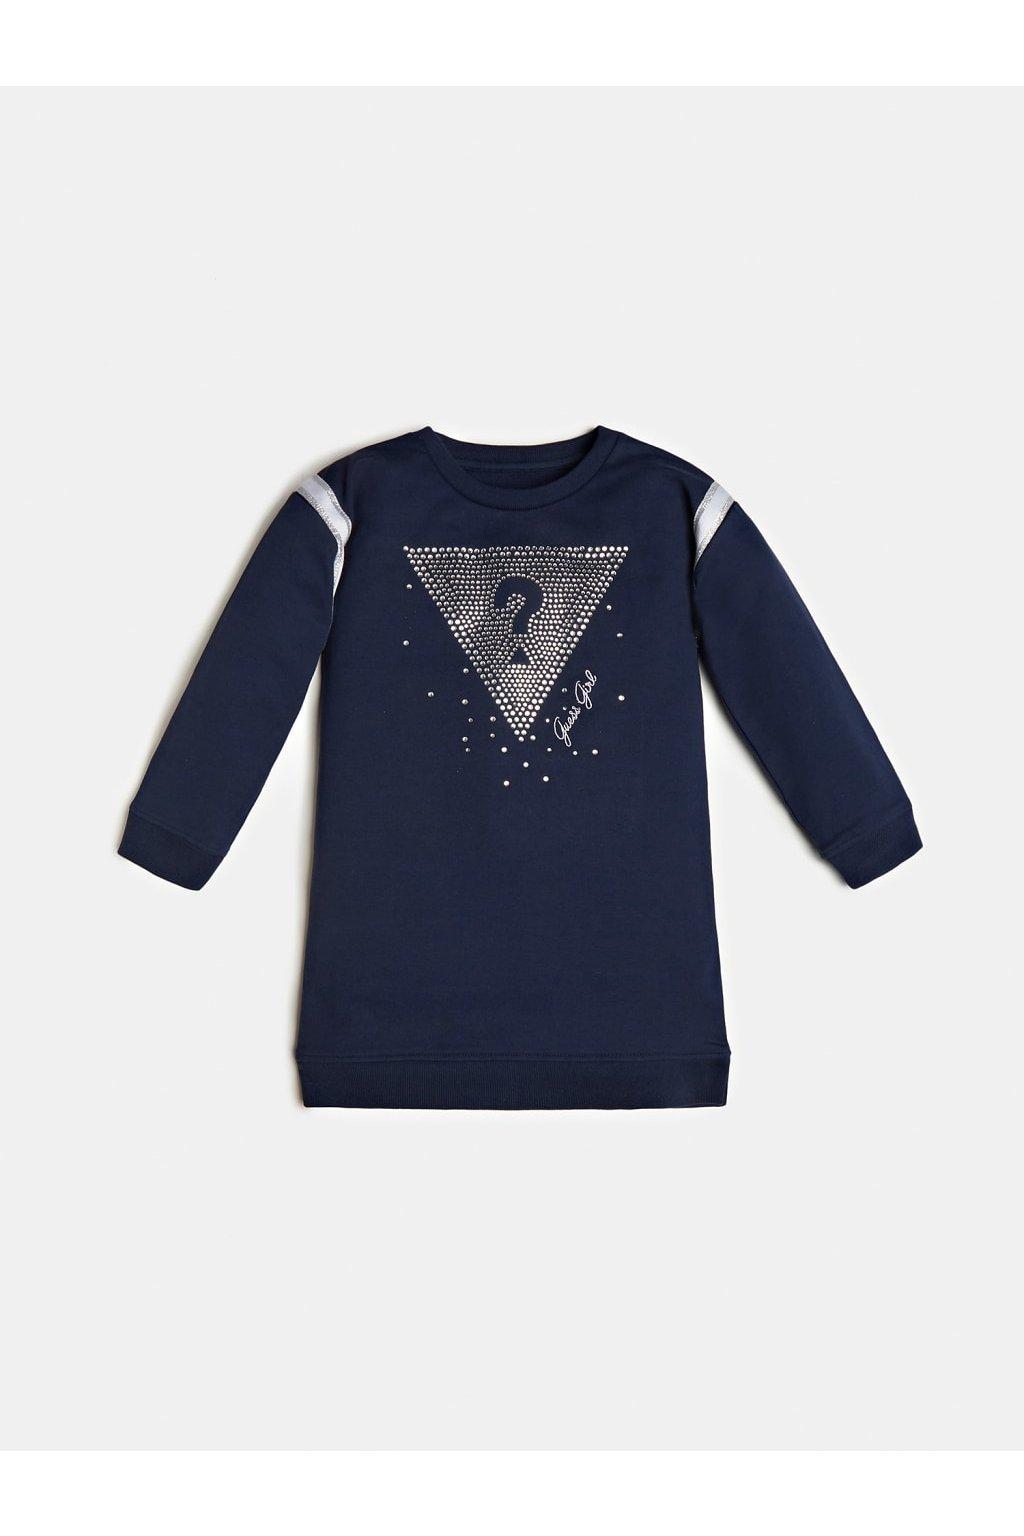 Guess - Dívčí mikinové šaty (Barva Tmavě modrá, Velikost 122)